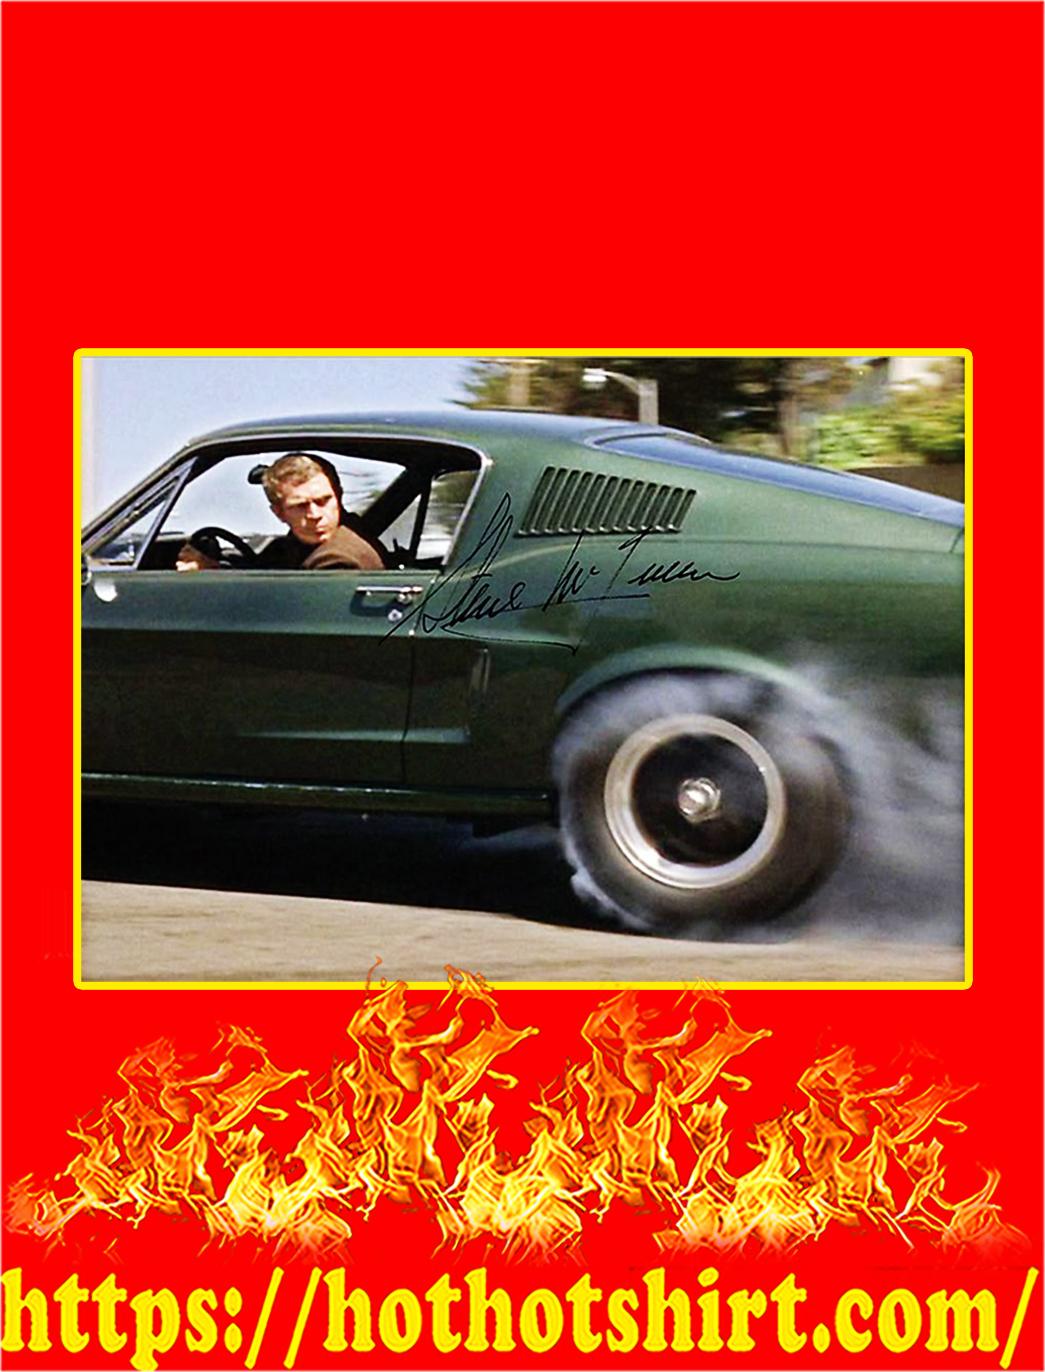 Bullitt Ford Mustang 390 GT Steve McQueen Signature Poster - A3